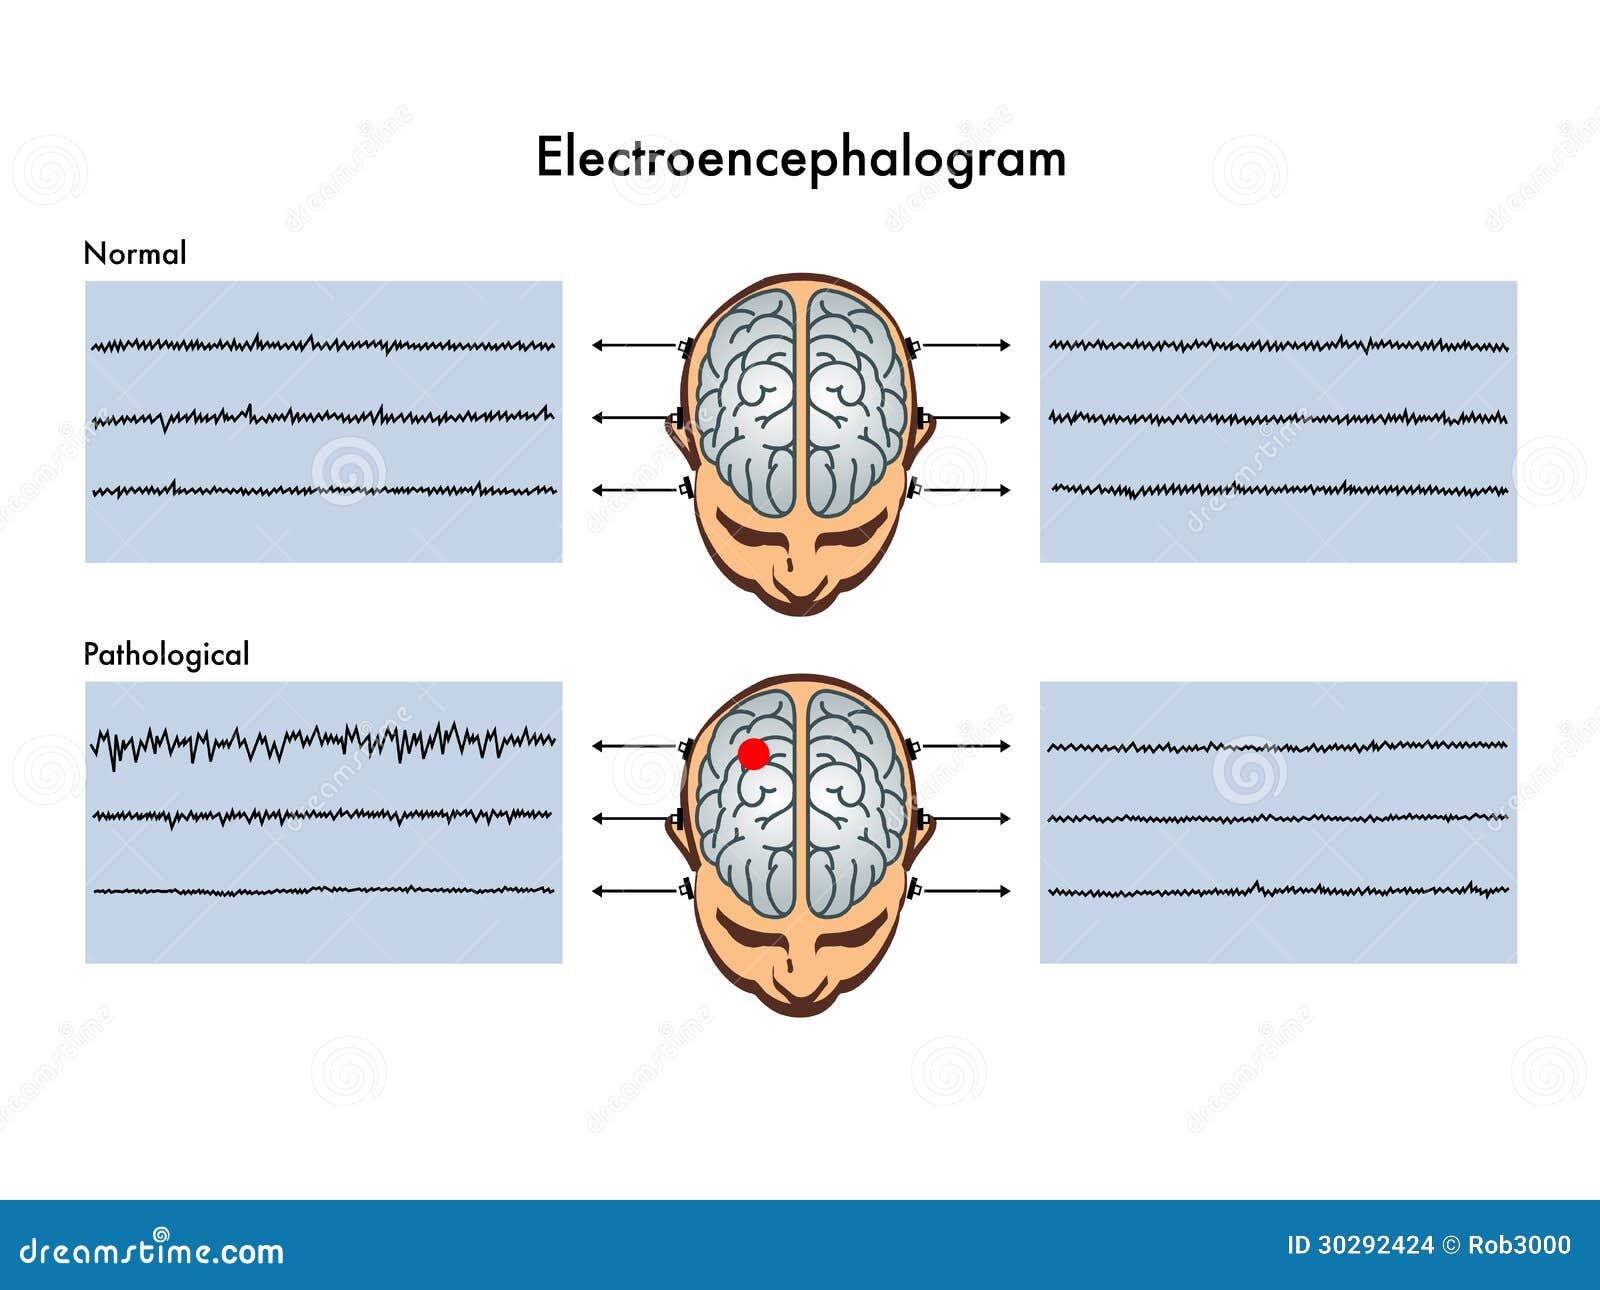 Electroencephalogram Stock Images Image 30292424